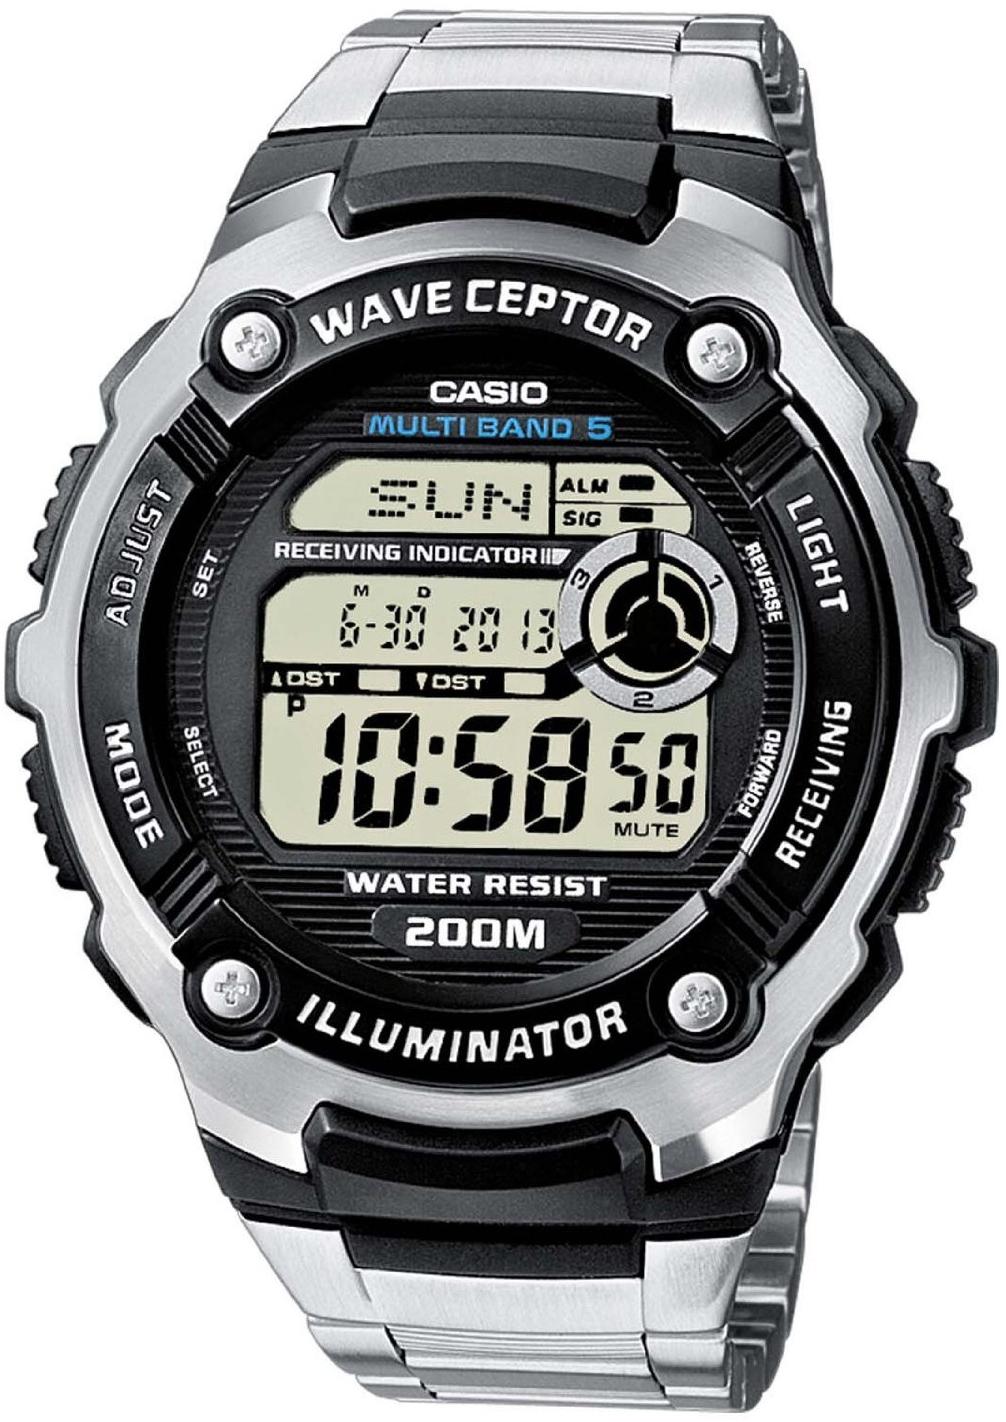 Купить Японские часы Casio Wave Ceptor WV-200DE-1A